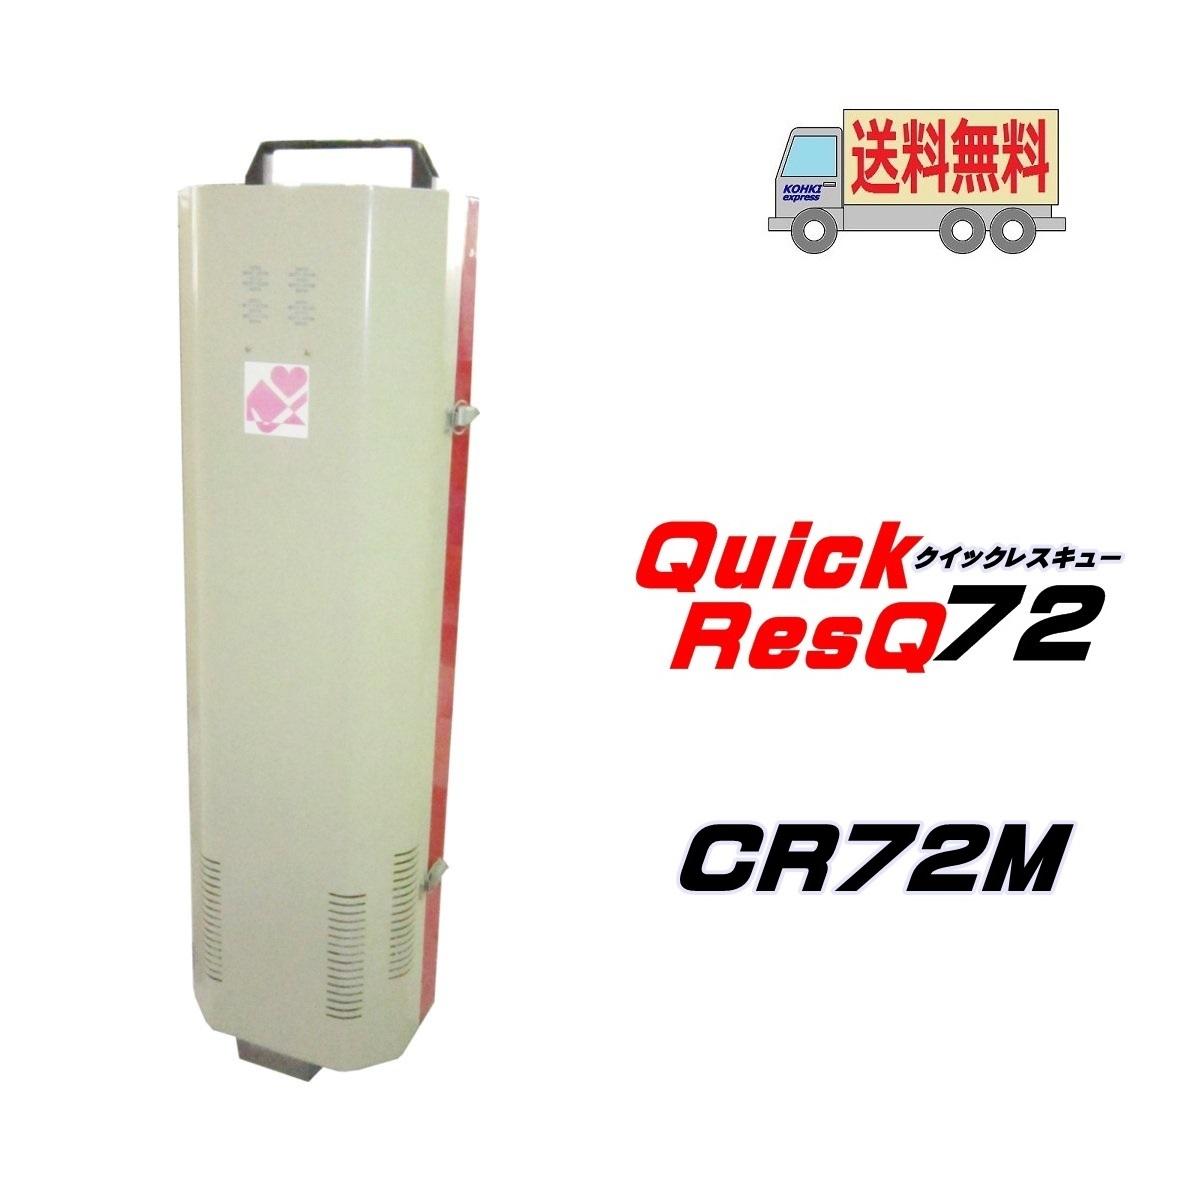 送料無料 防災用品 QuickResQ72 CR72M 緊急時に即応 防災工具セット